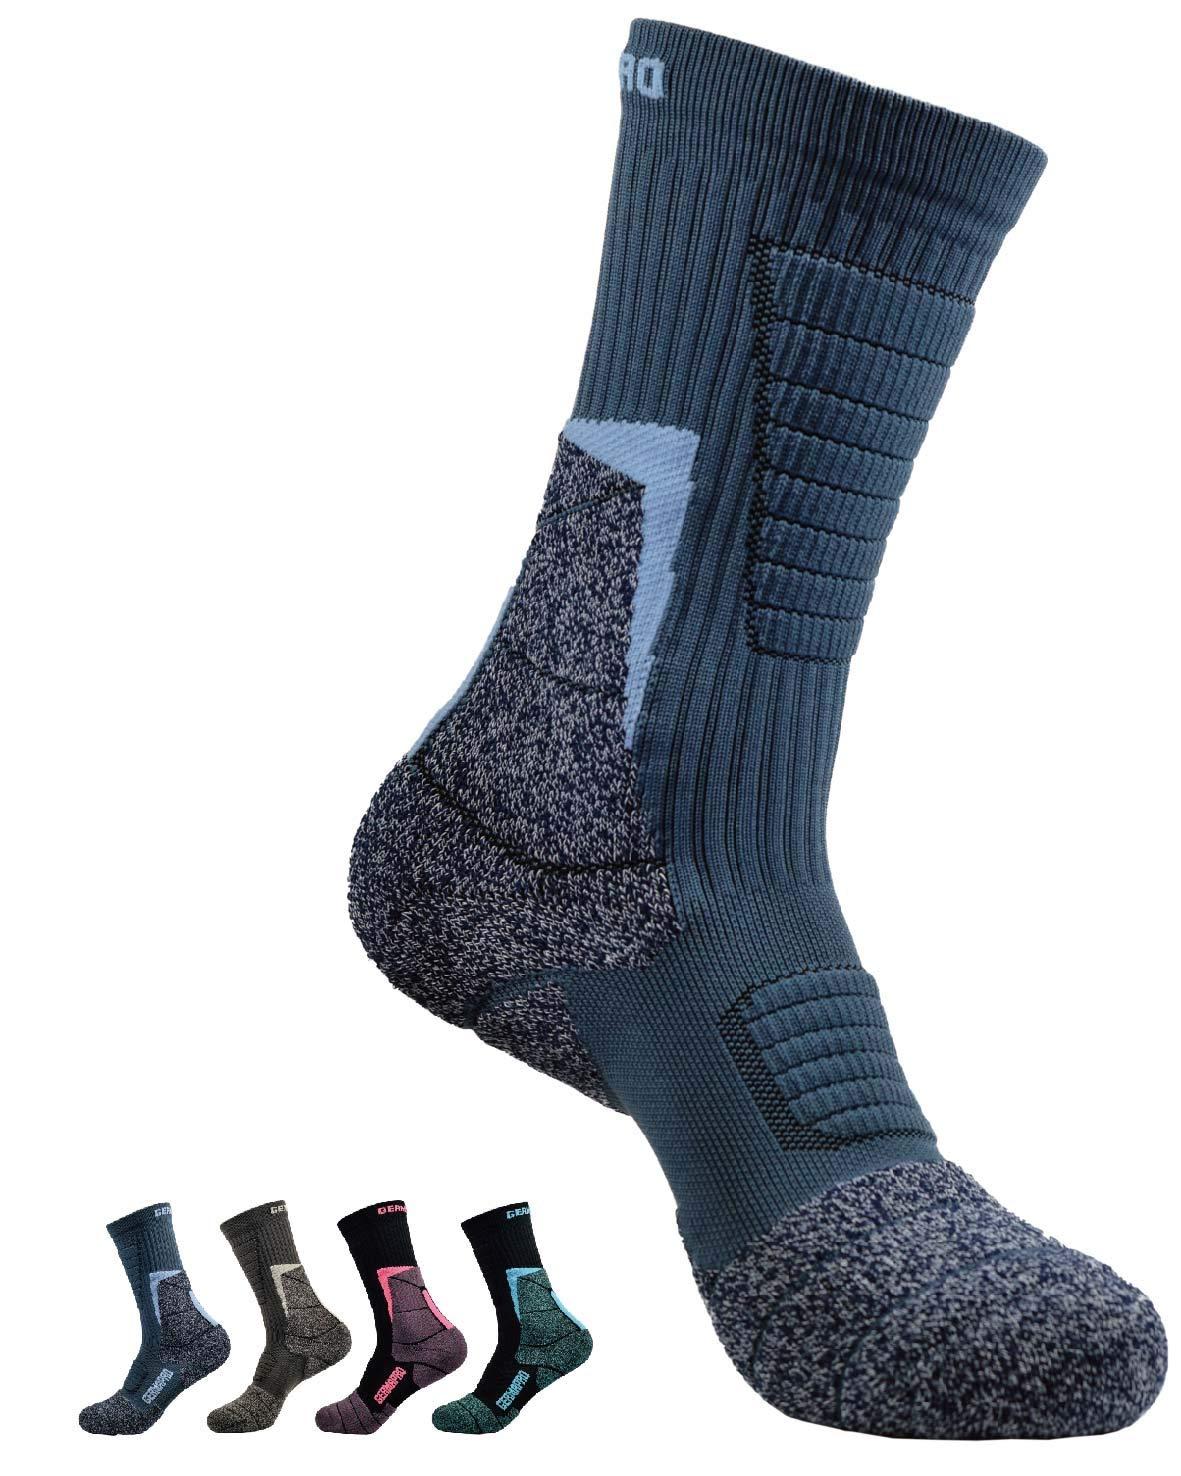 Mens Antibacterial Odor Moisture Wicking Outdoor Hiking Socks w/Thermal Regulating Germanium & Coolmax All Season 1 pair by GermaPro